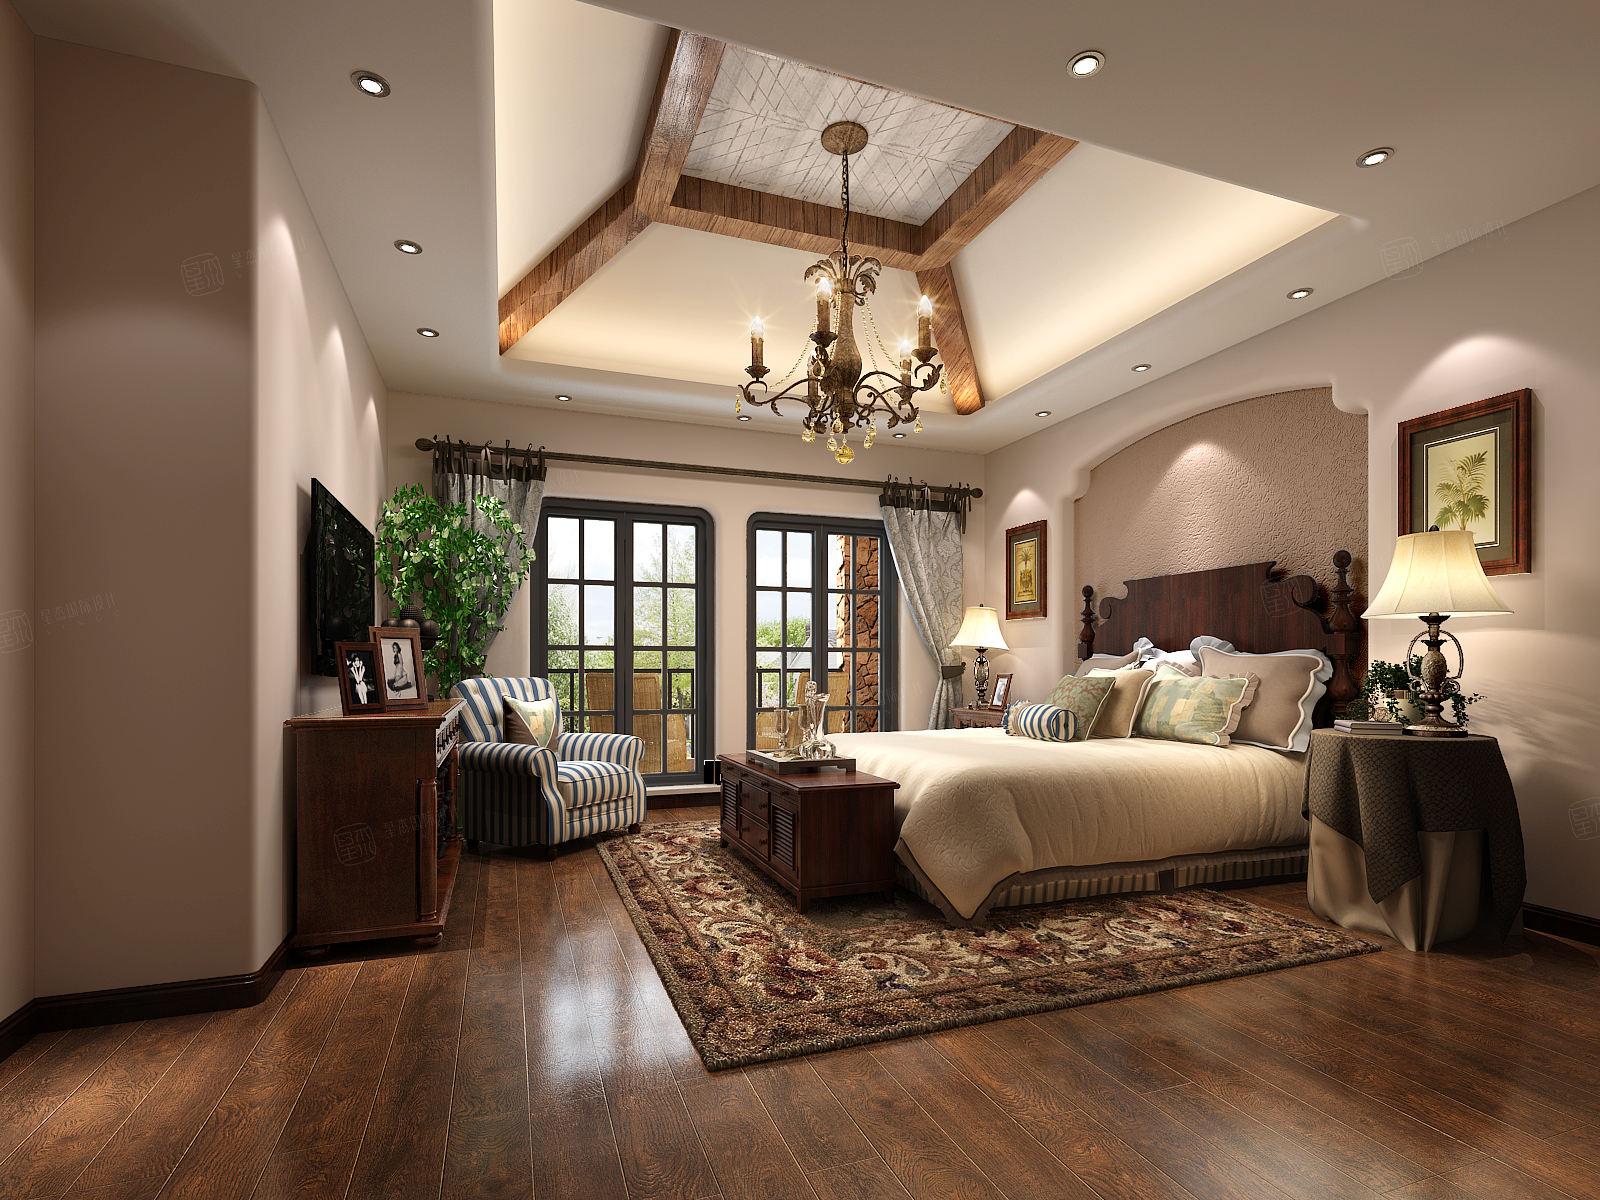 圣塔路斯 美式装修卧室效果图